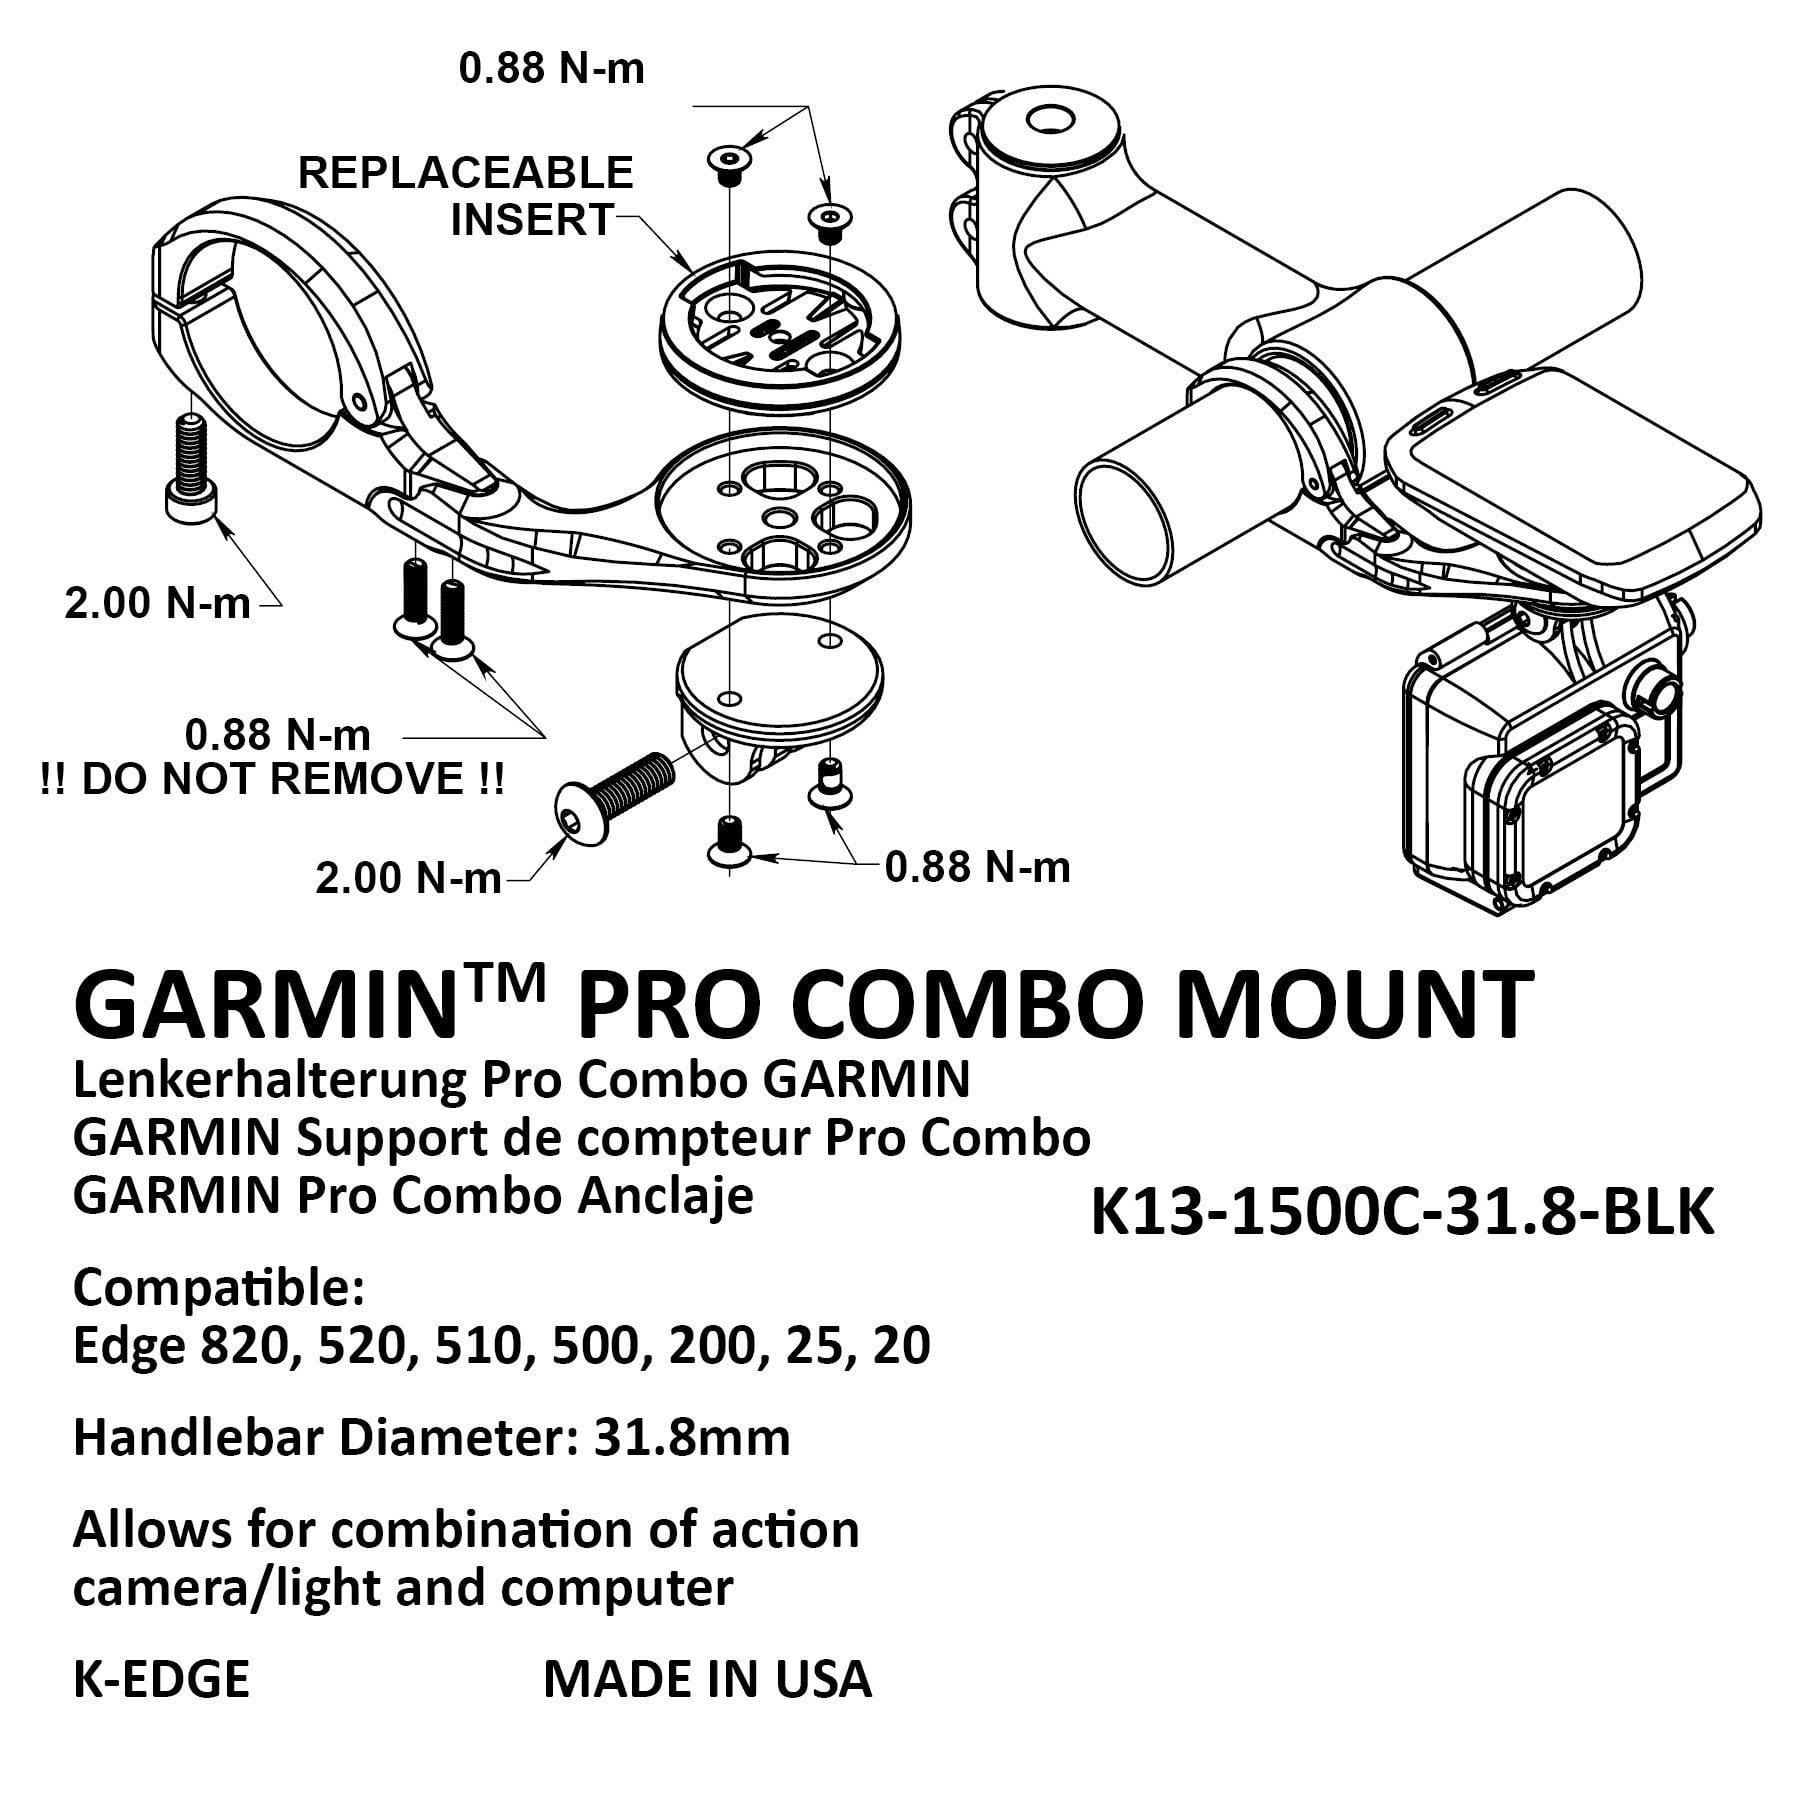 Garmin Pro Combo Mount